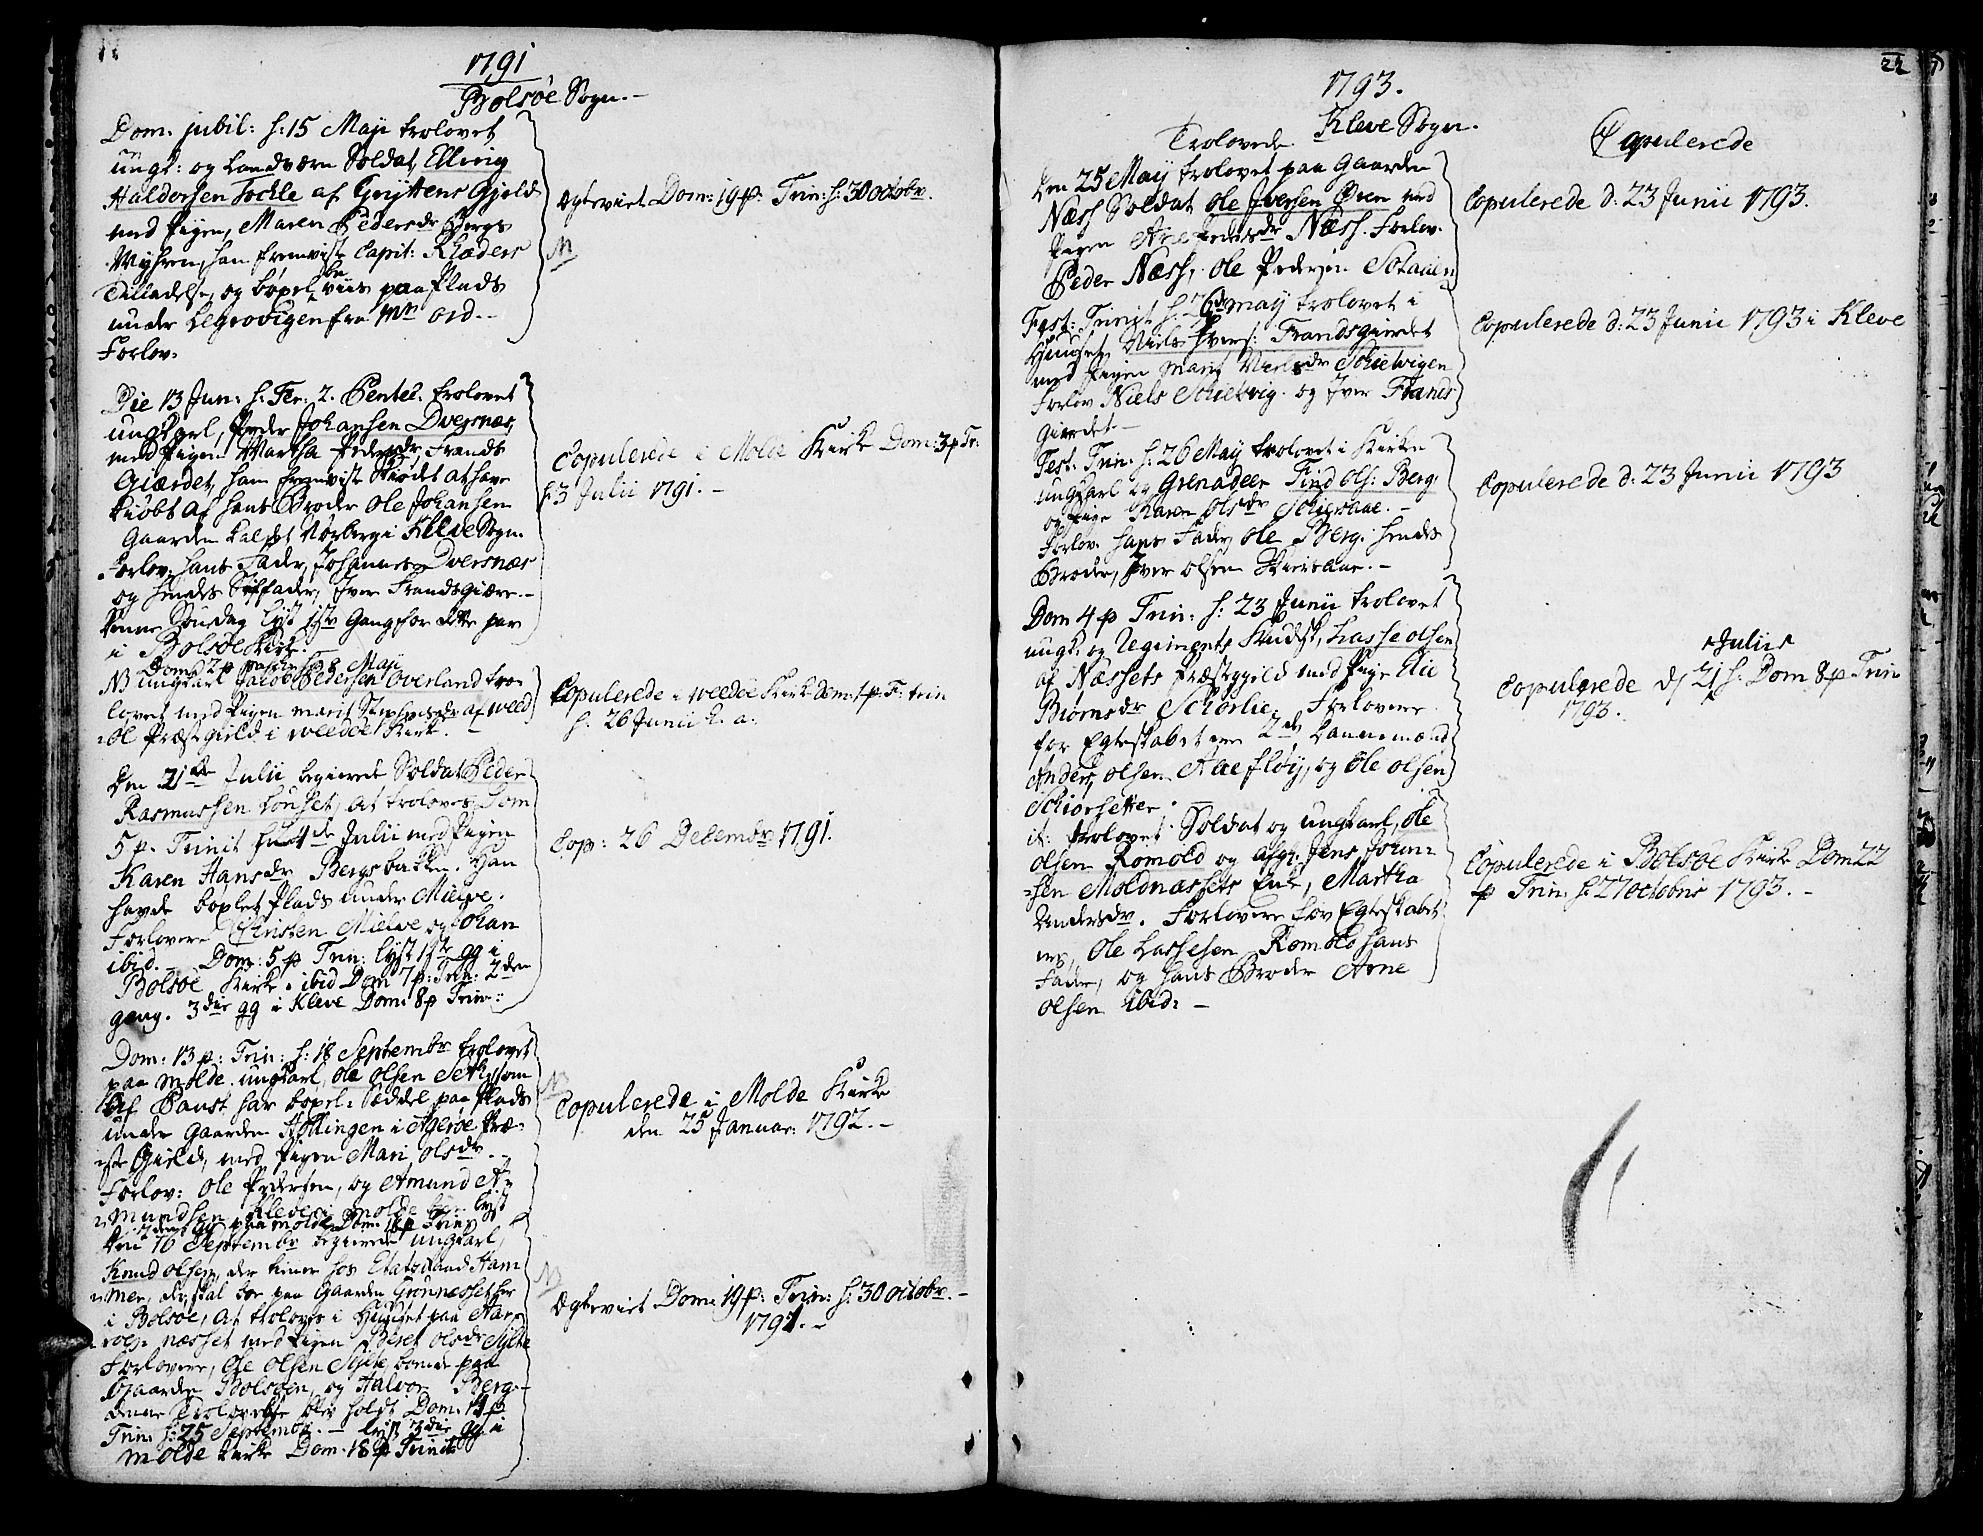 SAT, Ministerialprotokoller, klokkerbøker og fødselsregistre - Møre og Romsdal, 555/L0648: Ministerialbok nr. 555A01, 1759-1793, s. 22